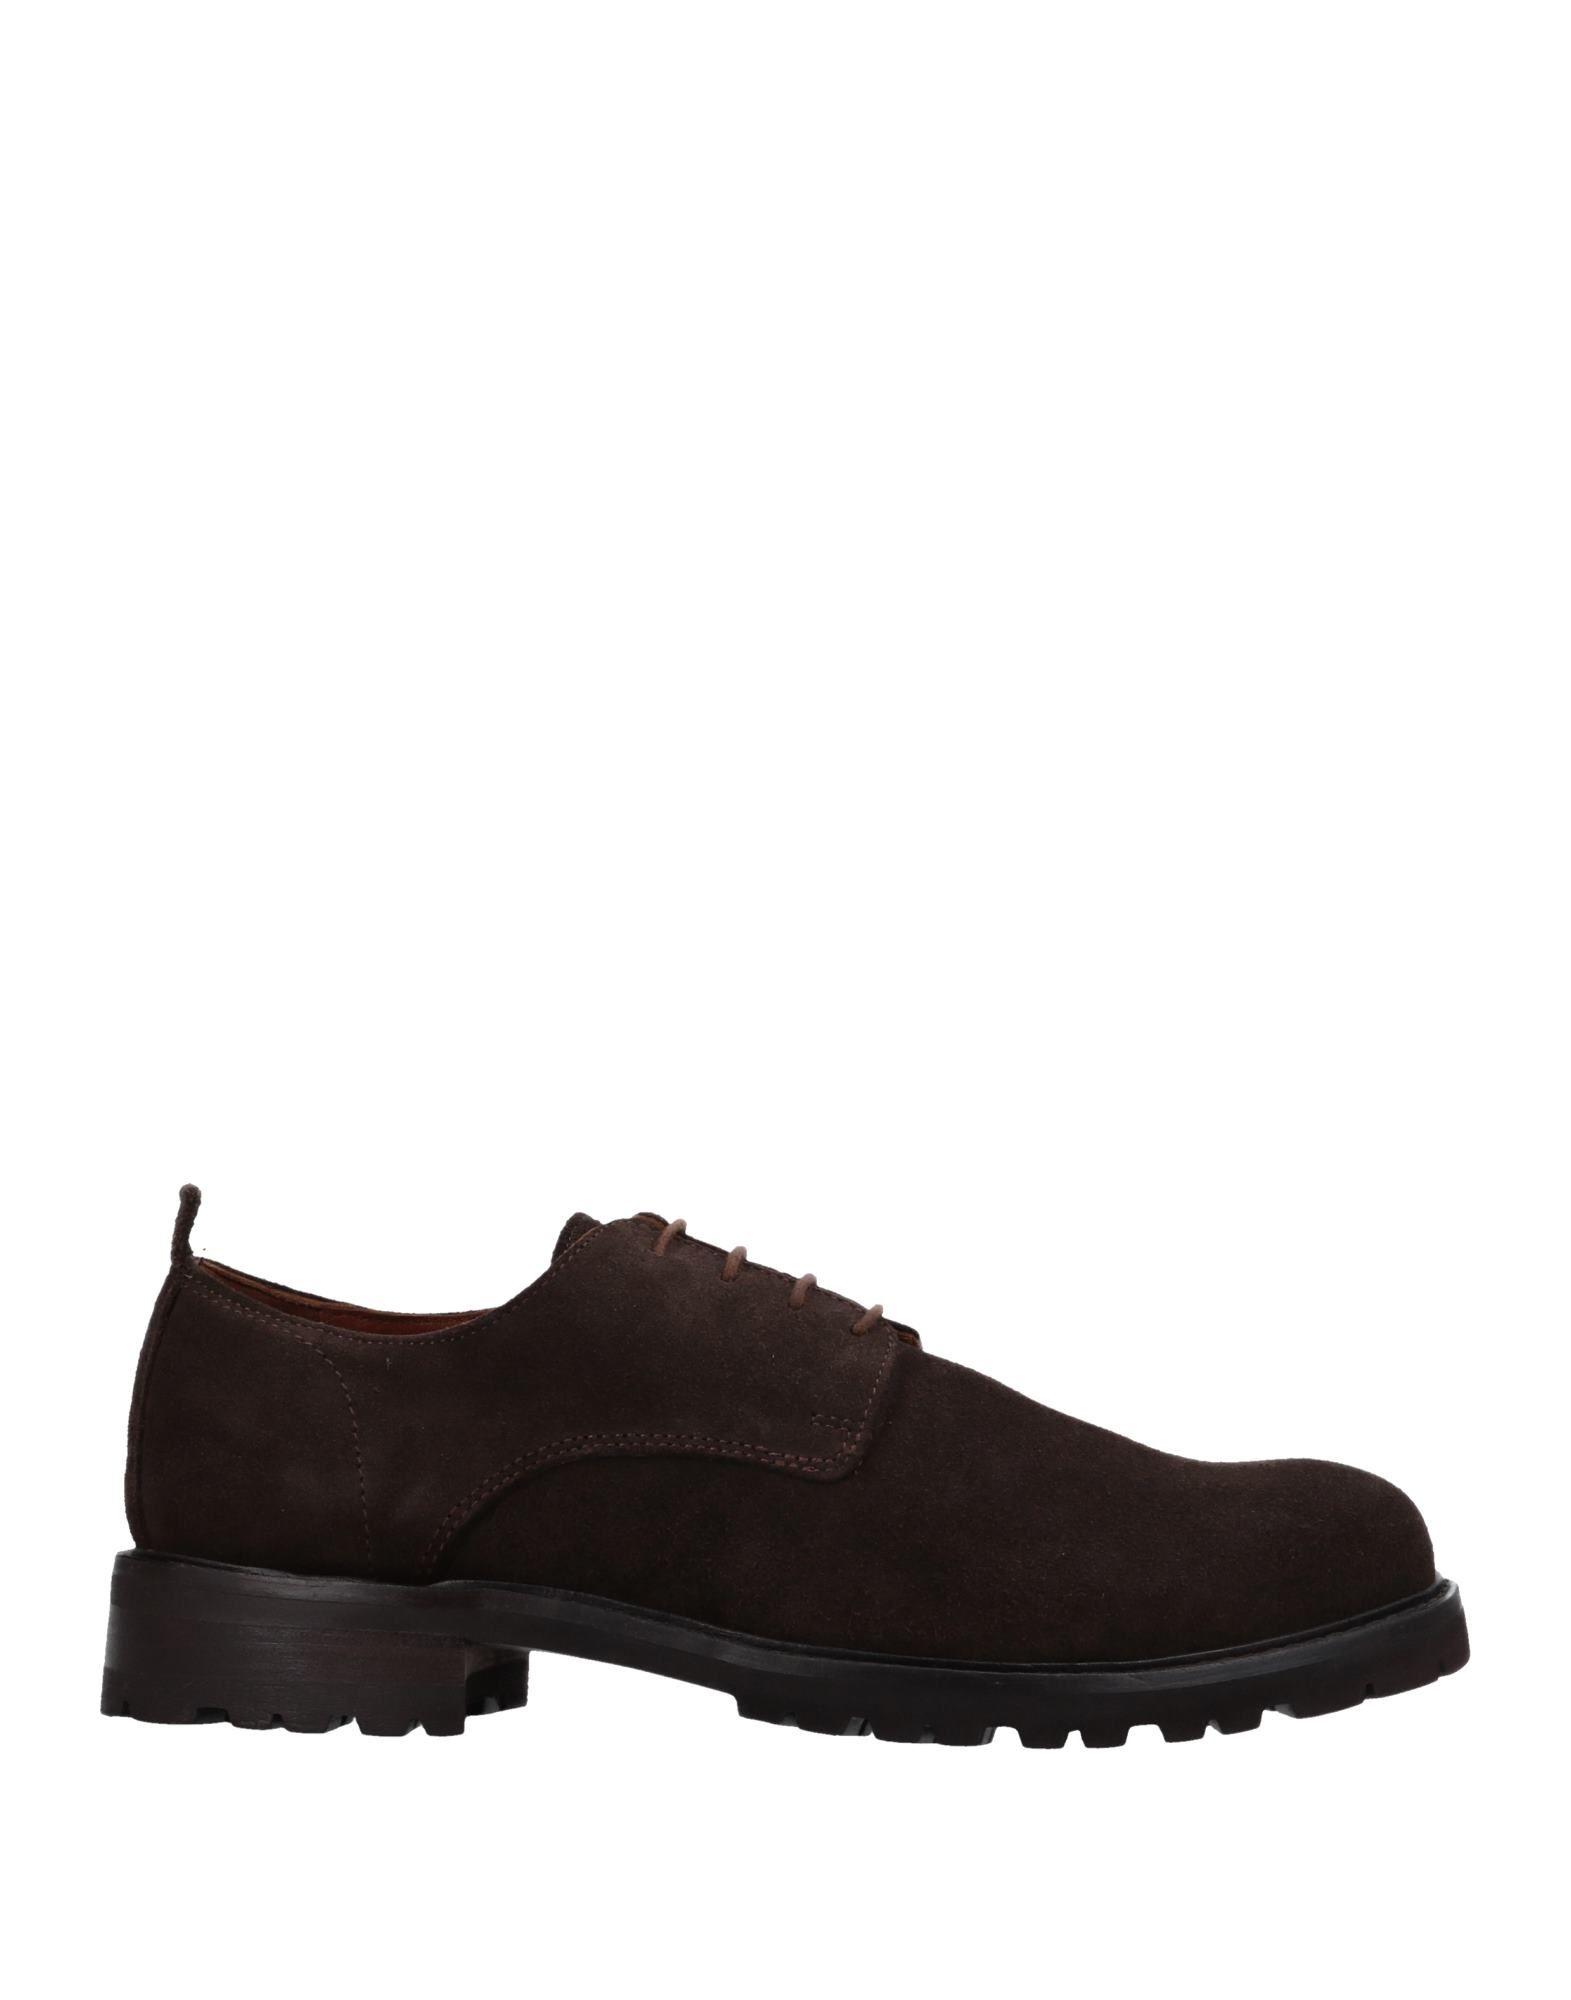 Rabatt echte Schuhe Zolfo Schnürschuhe Herren  11508271CC